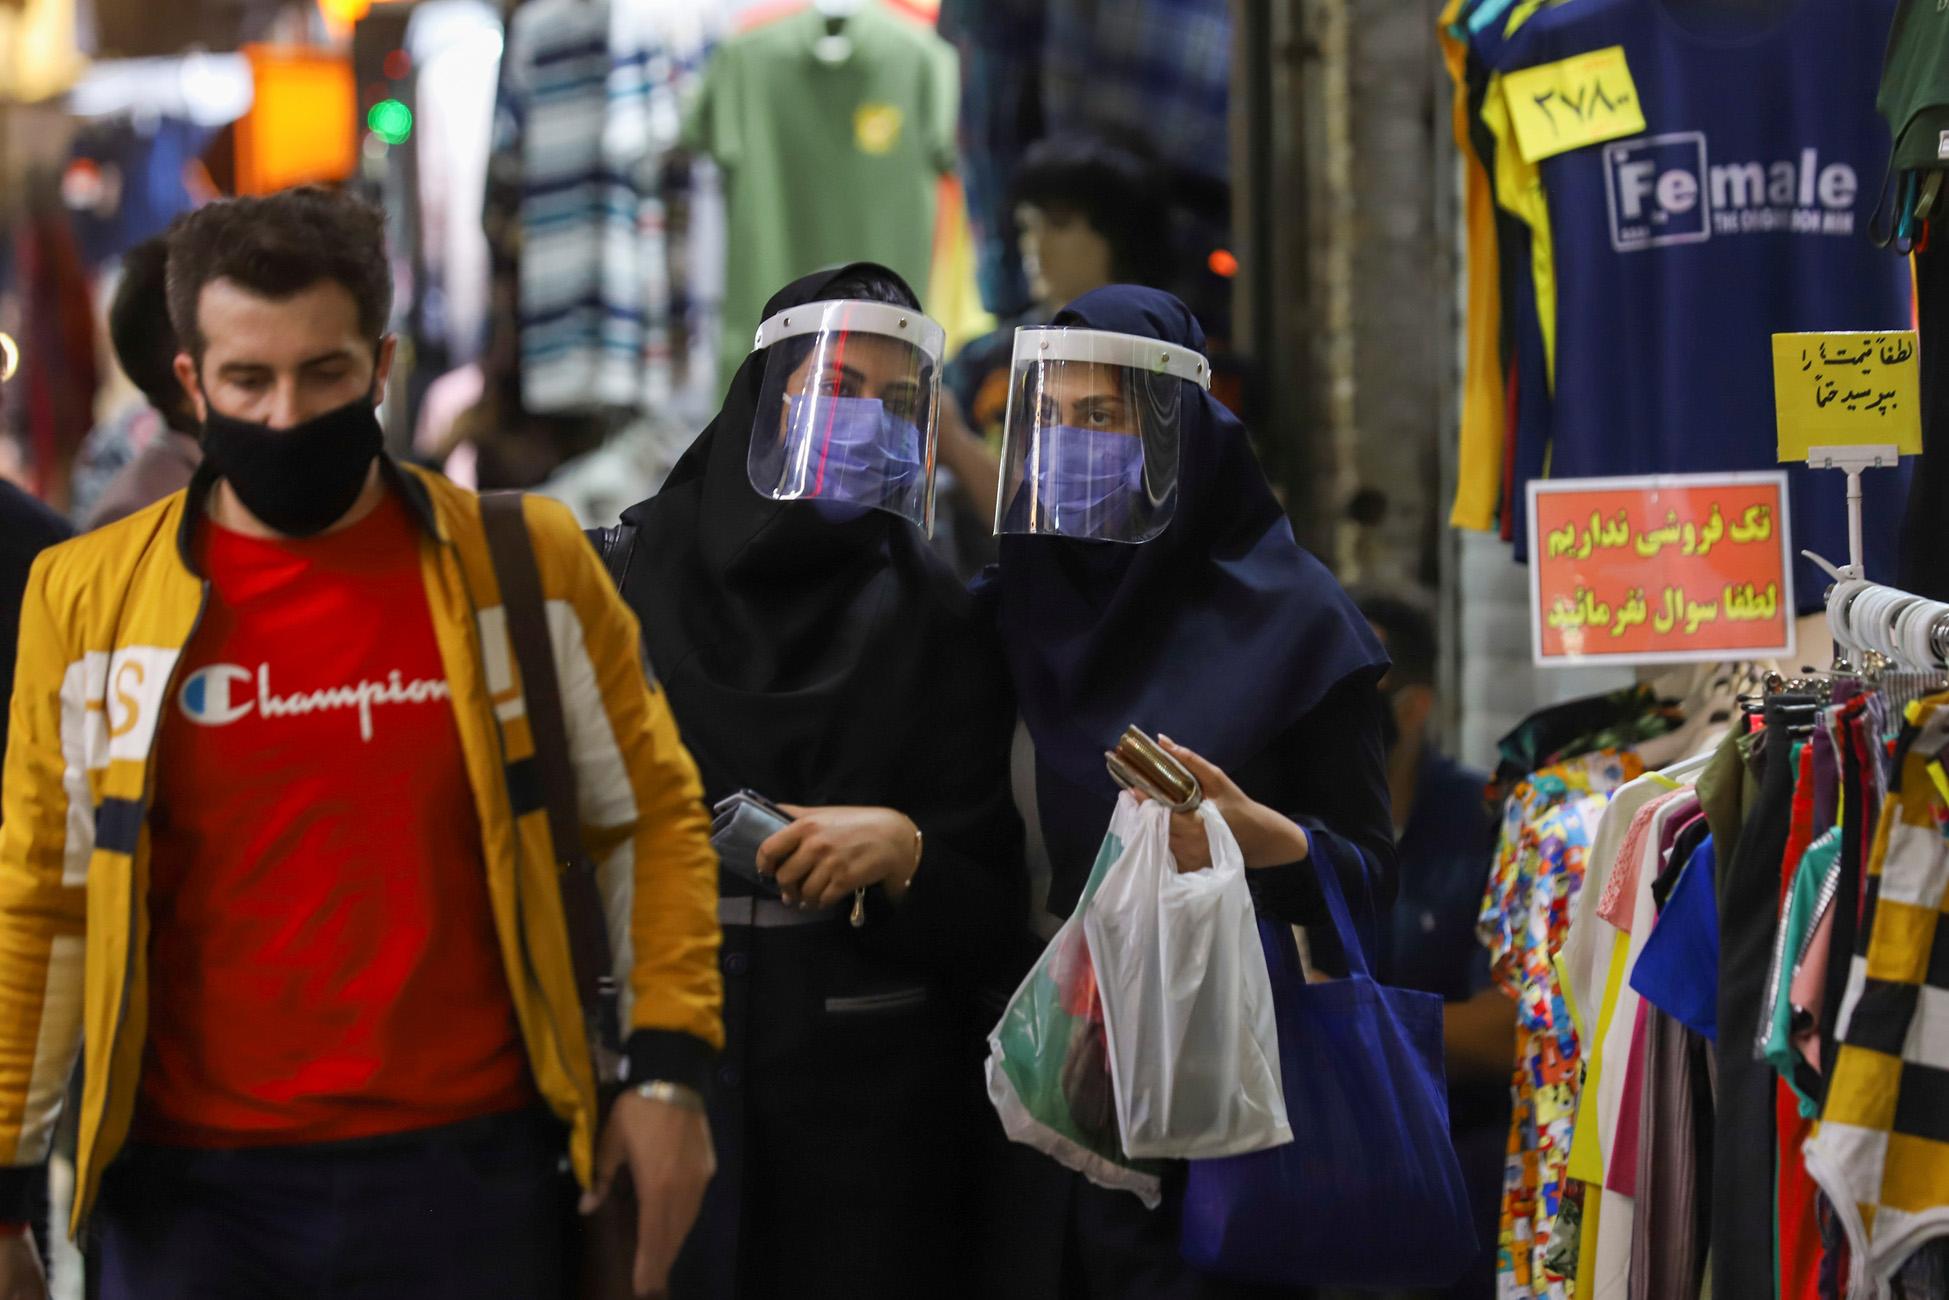 Ιράν – κορονοϊός: Νέο ρεκόρ με πάνω από 17.000 νέα κρούσματα σε 24 ώρες